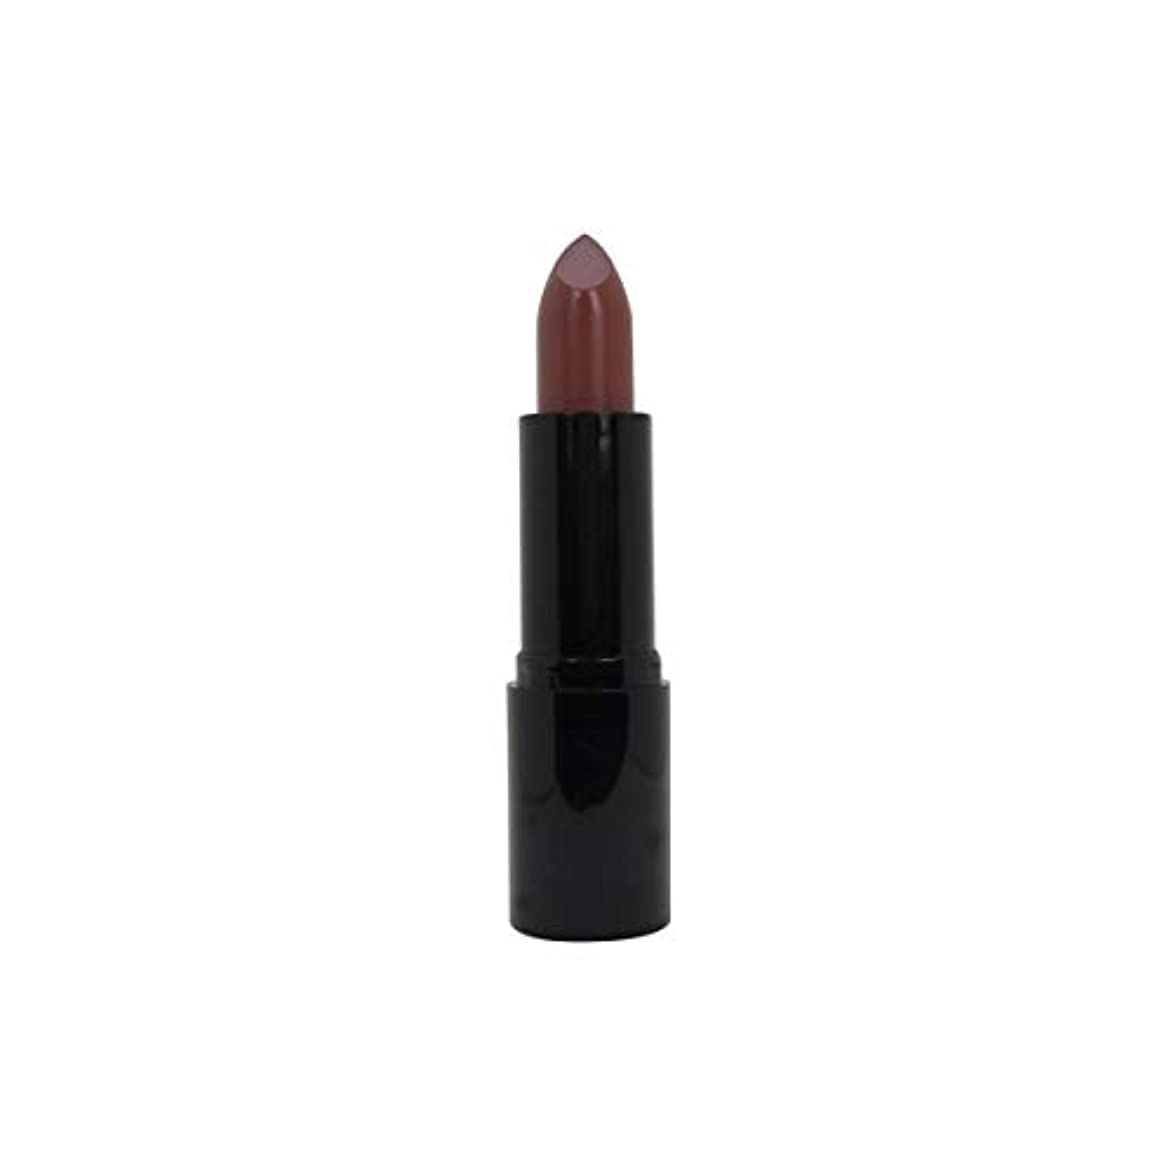 申込み複数ネズミSkinerie The Collection Lipstick 02 Close Rose 3,5g